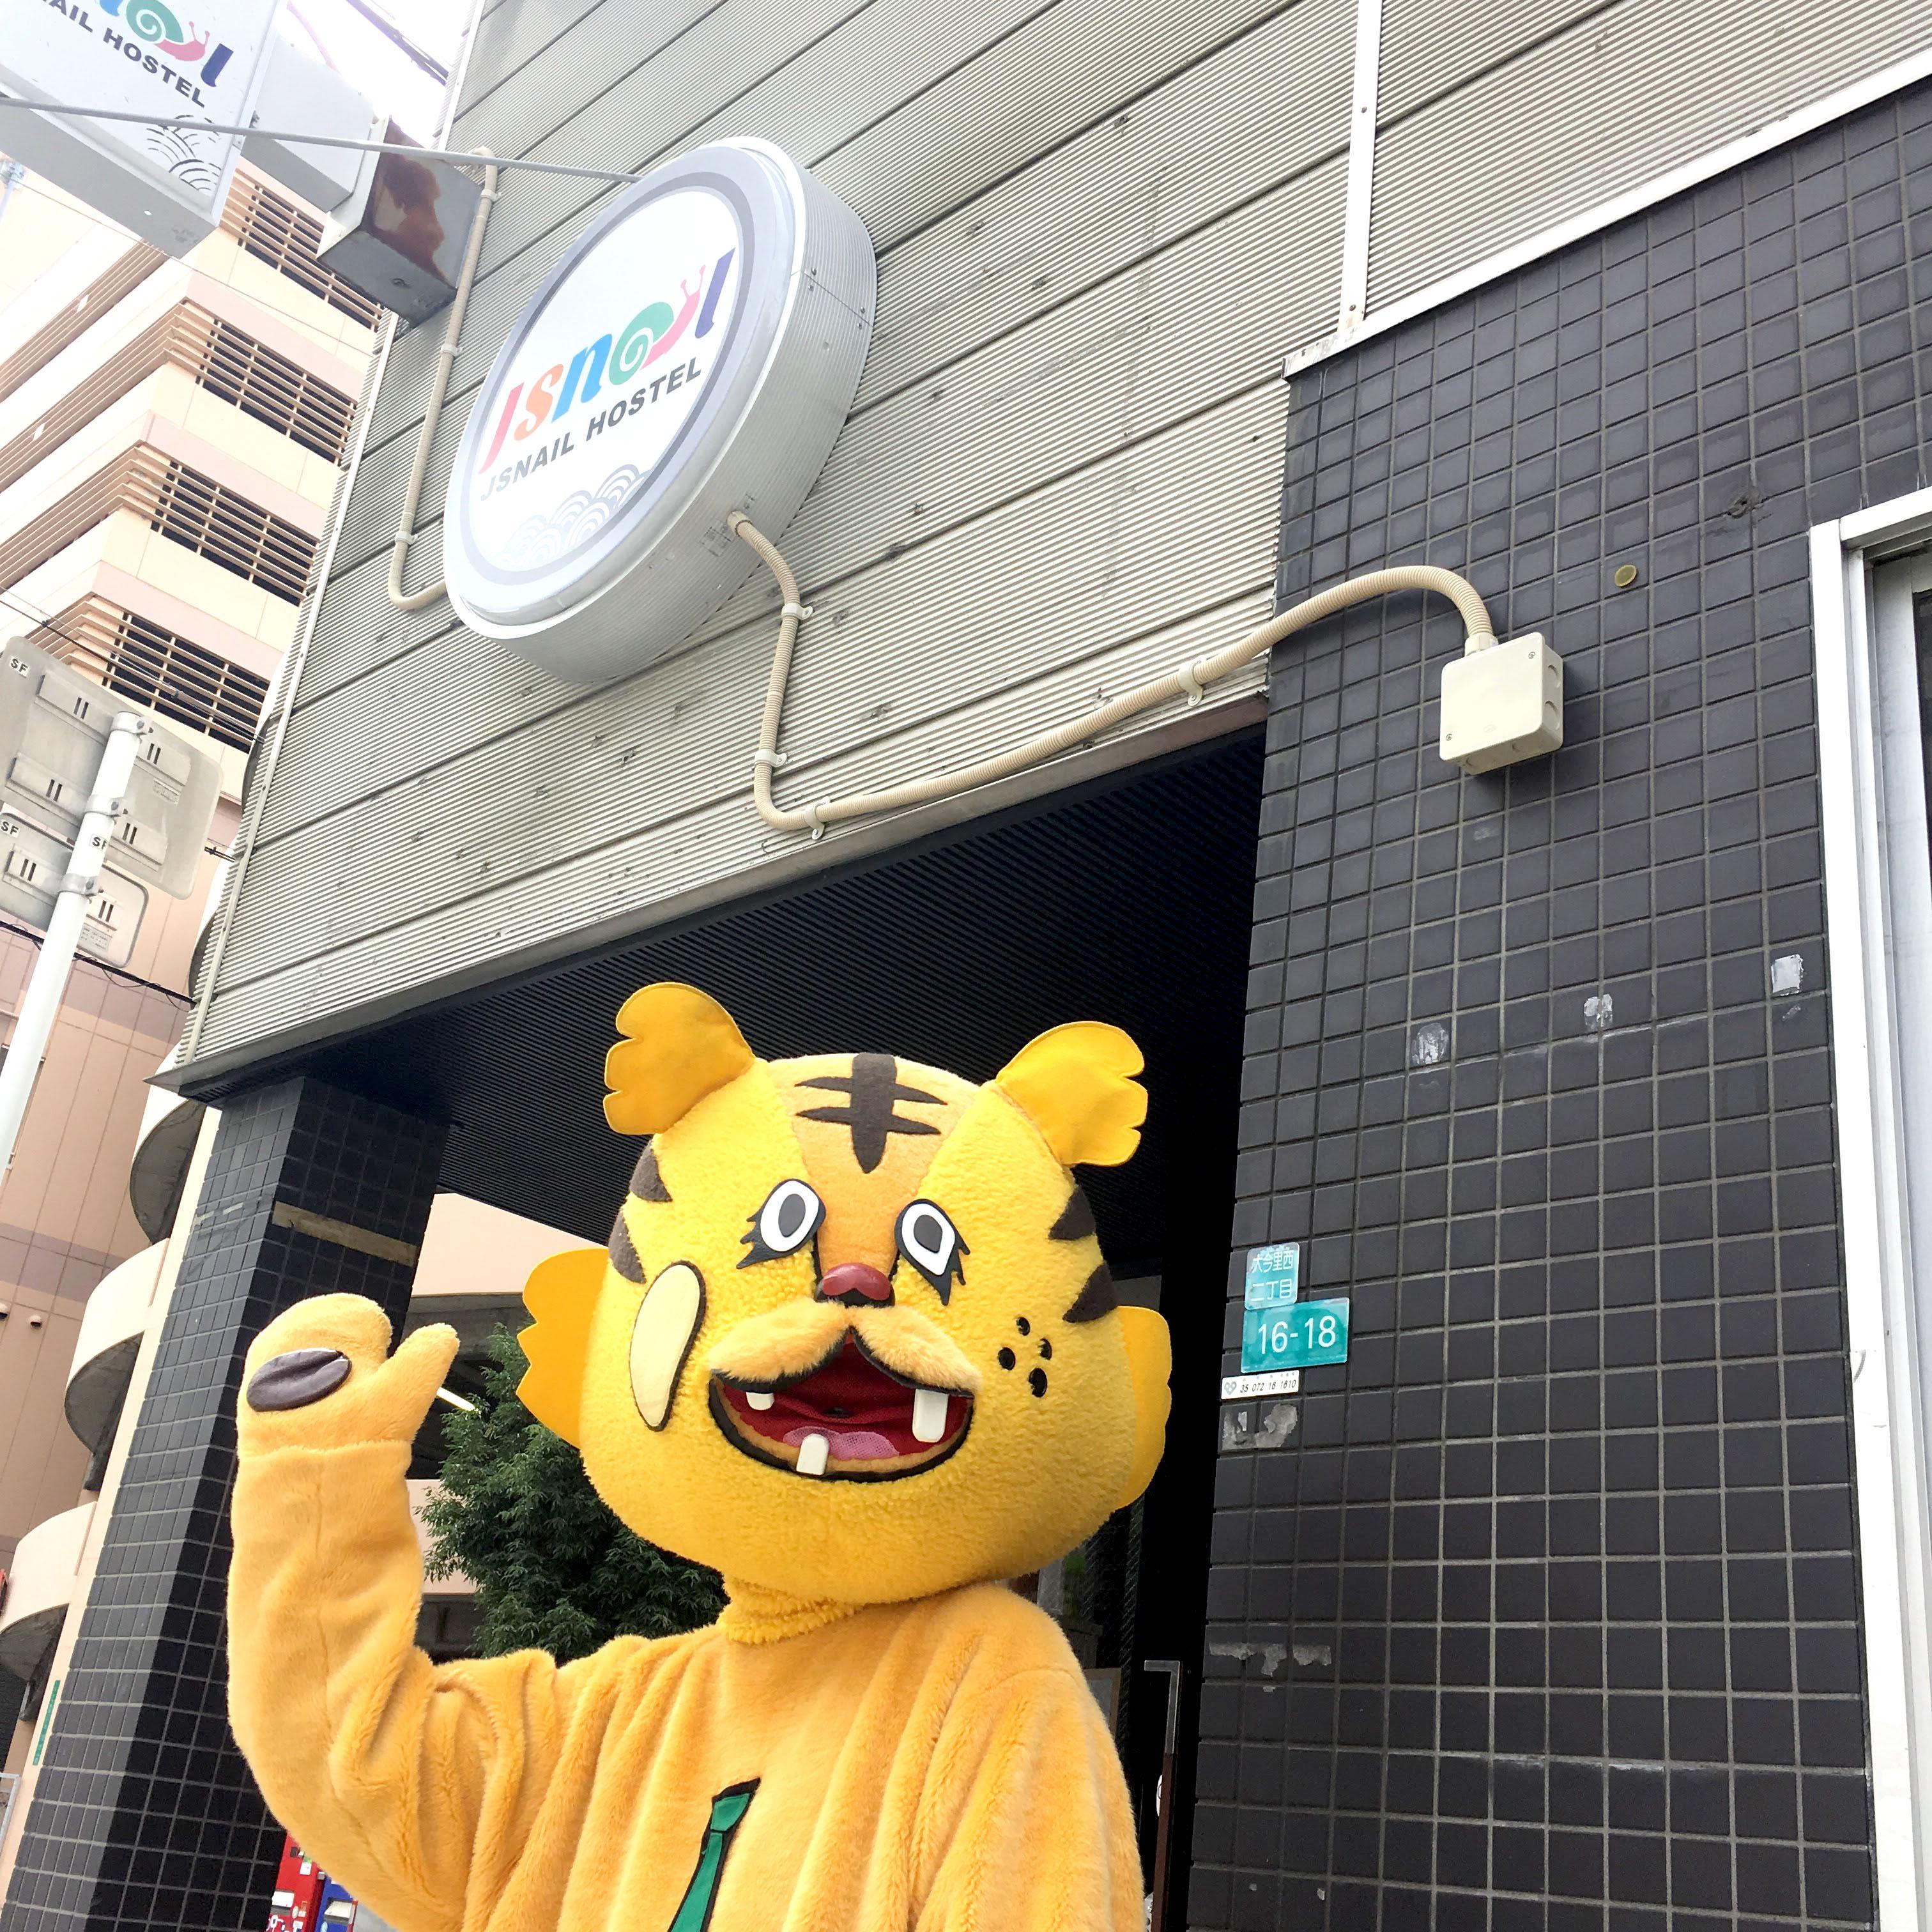 大阪・今里トラベラー(第2回・JsnailHostel)